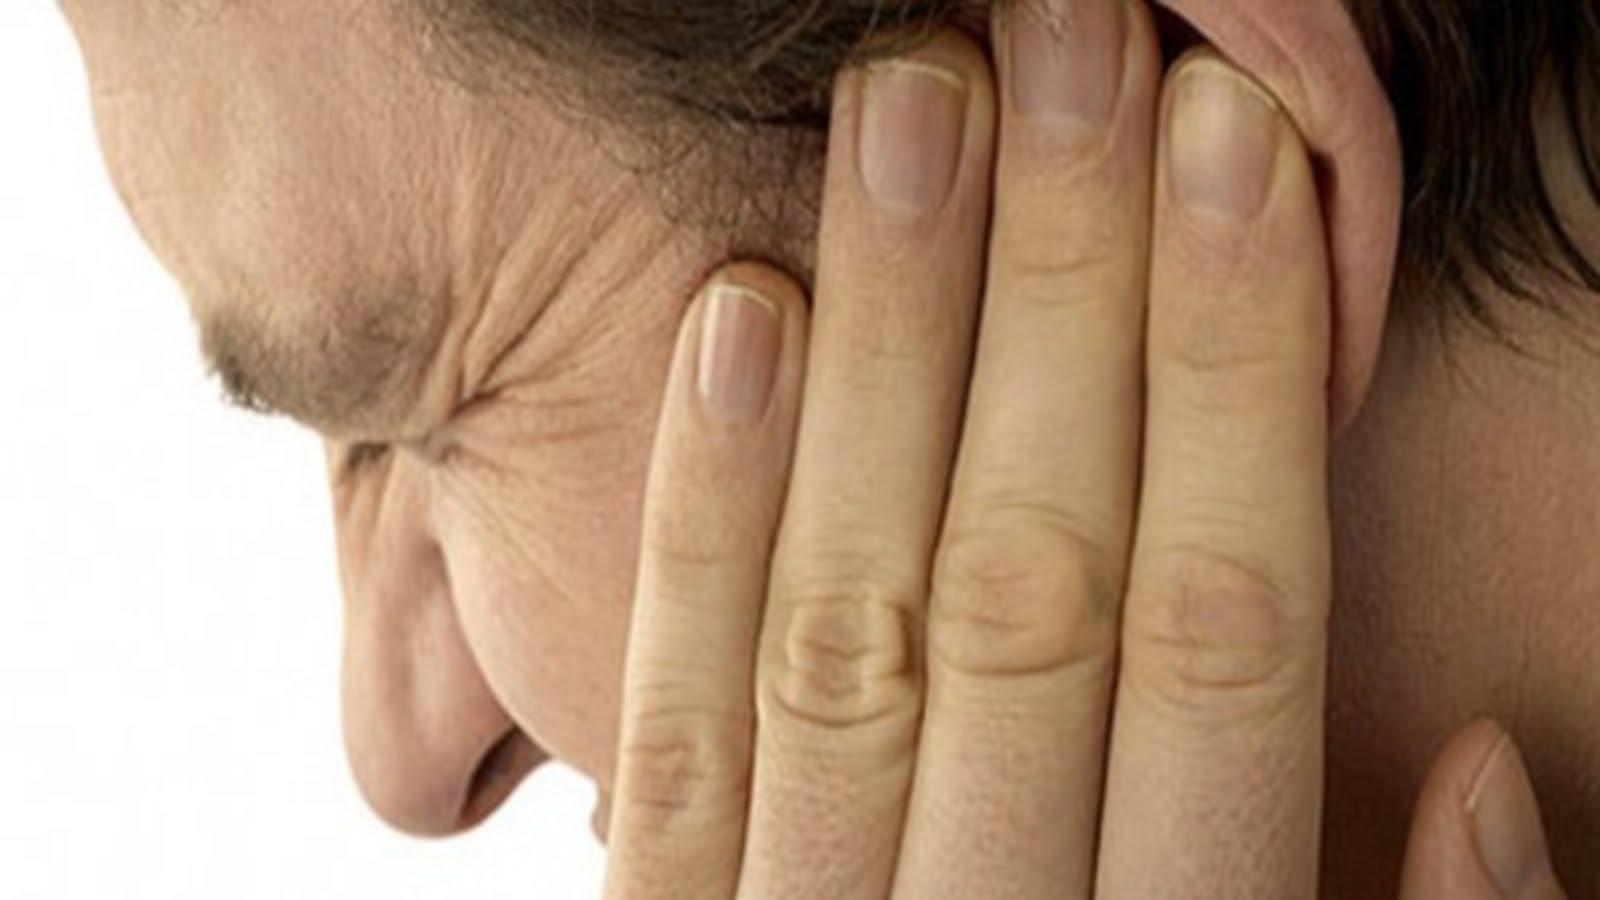 Dor de Ouvido: Remédios Caseiros Para Dor de Ouvido